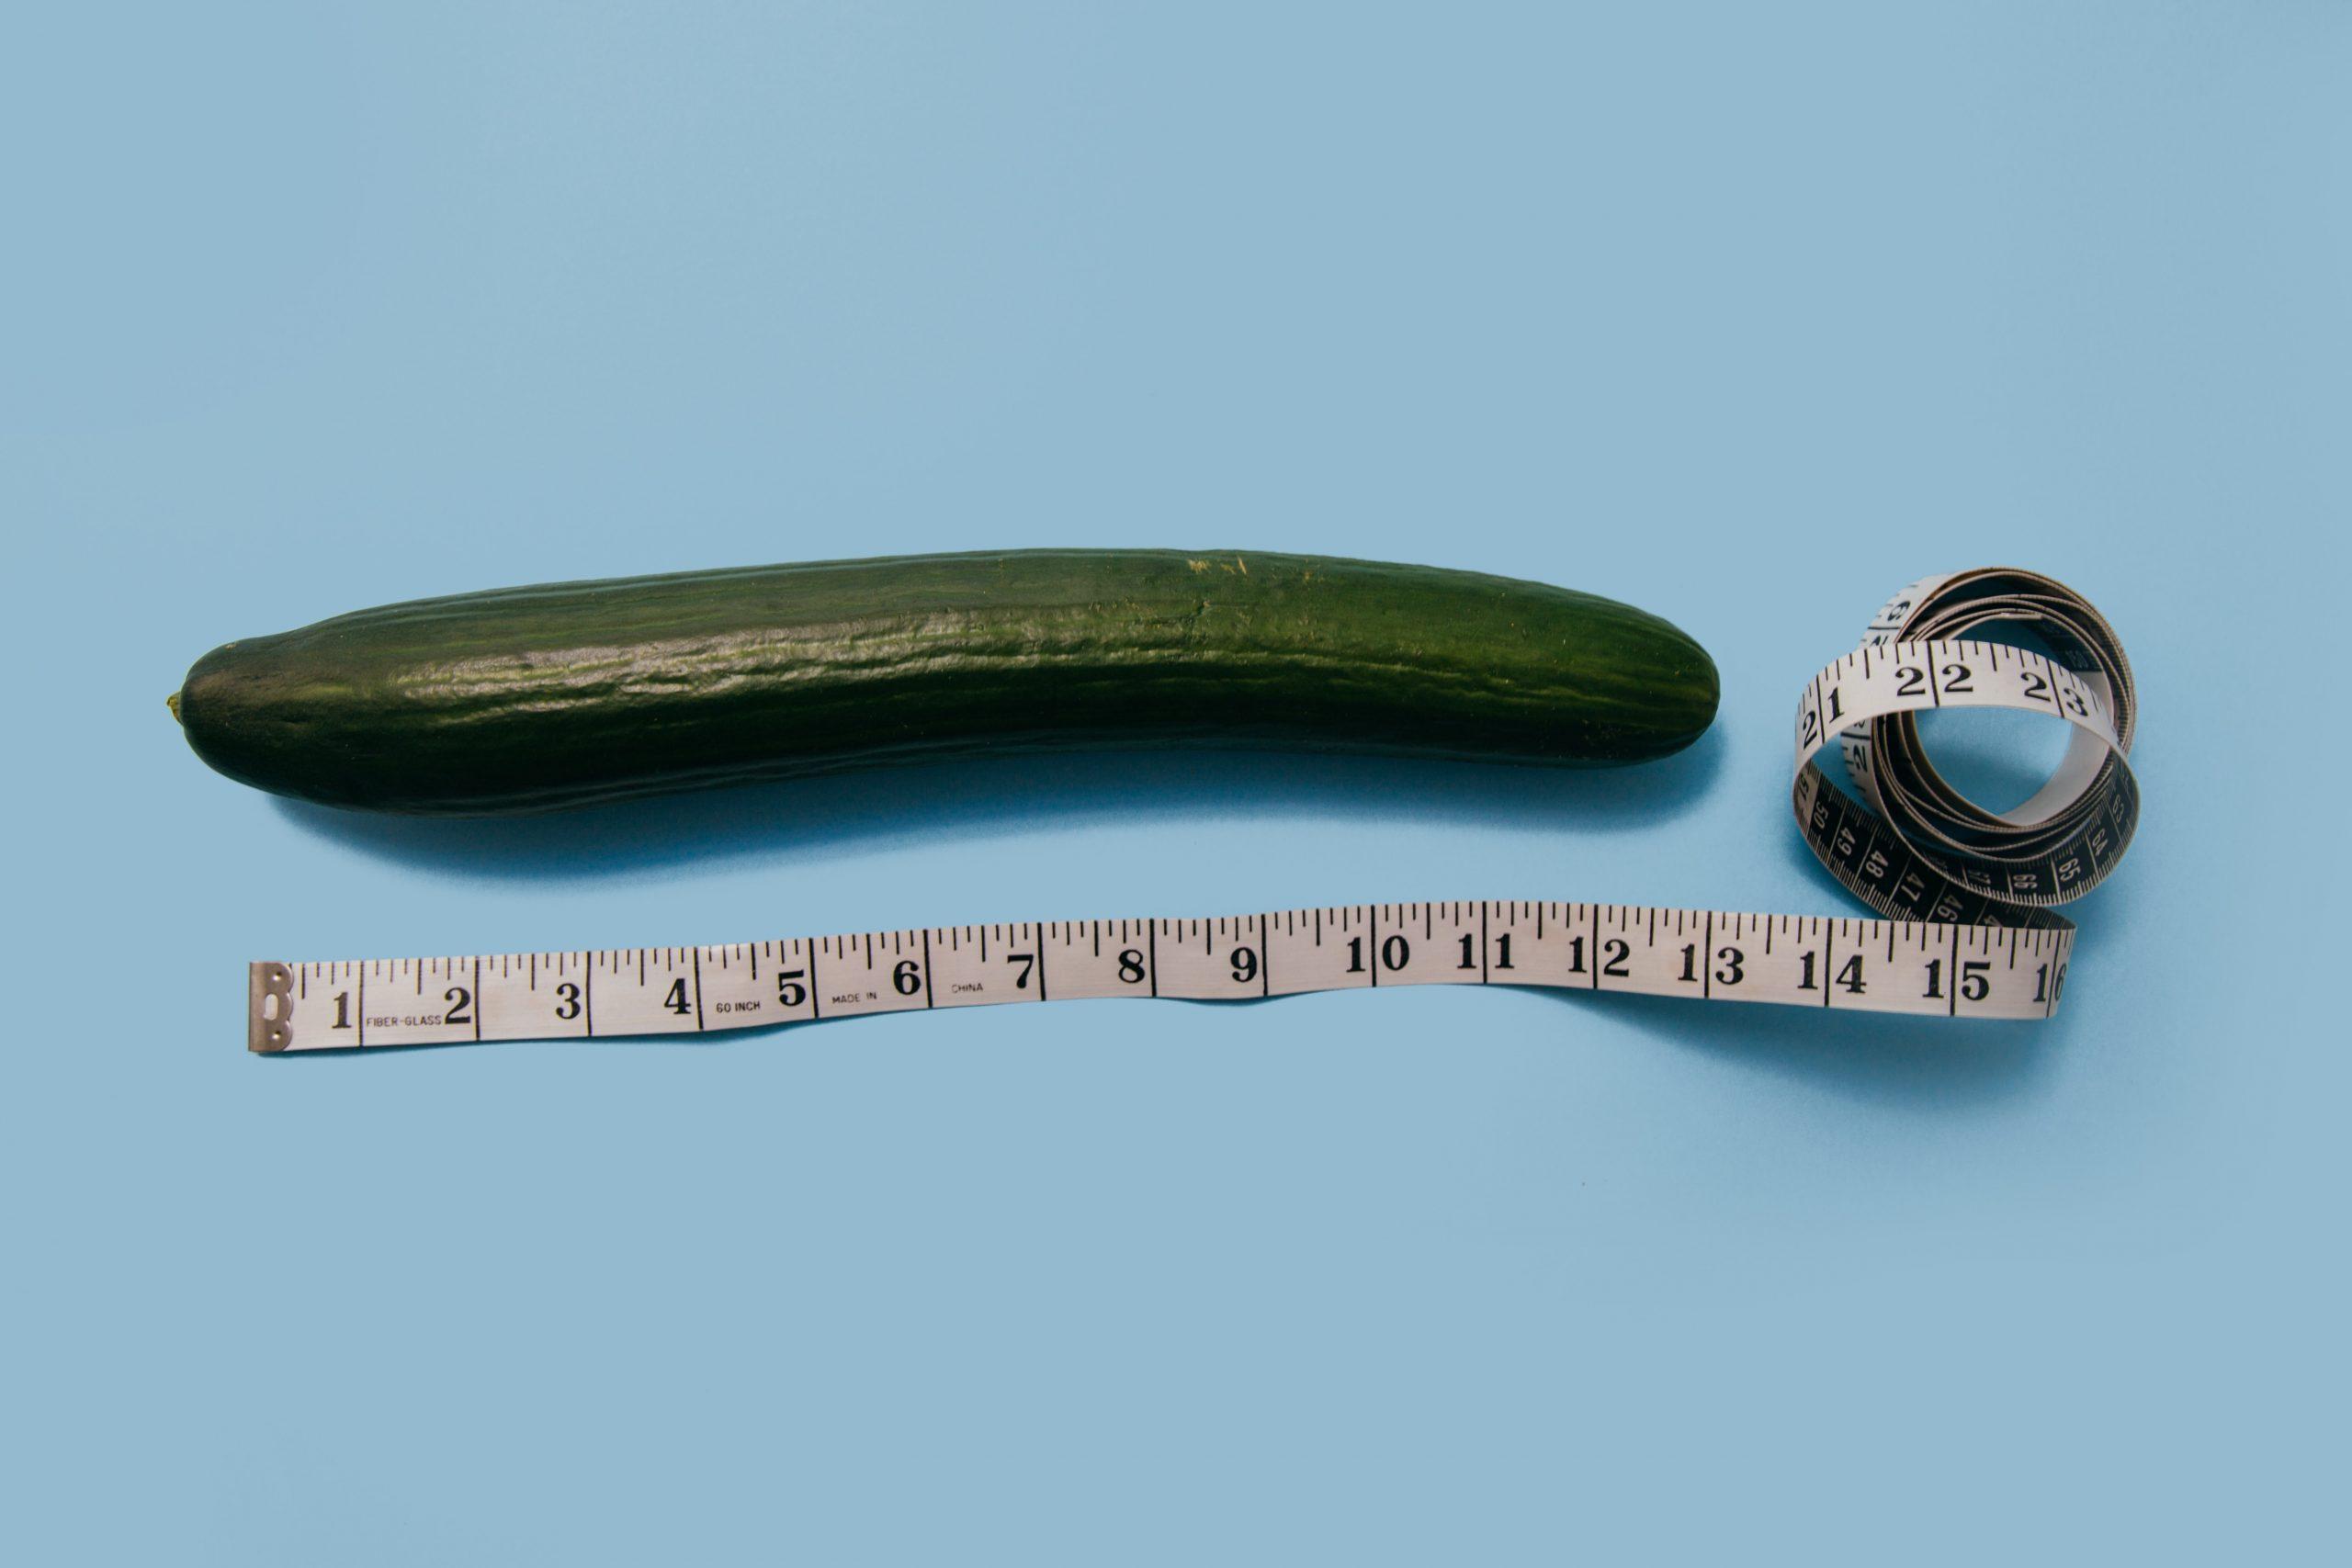 a pénisz mérete normális egy lány esetében)